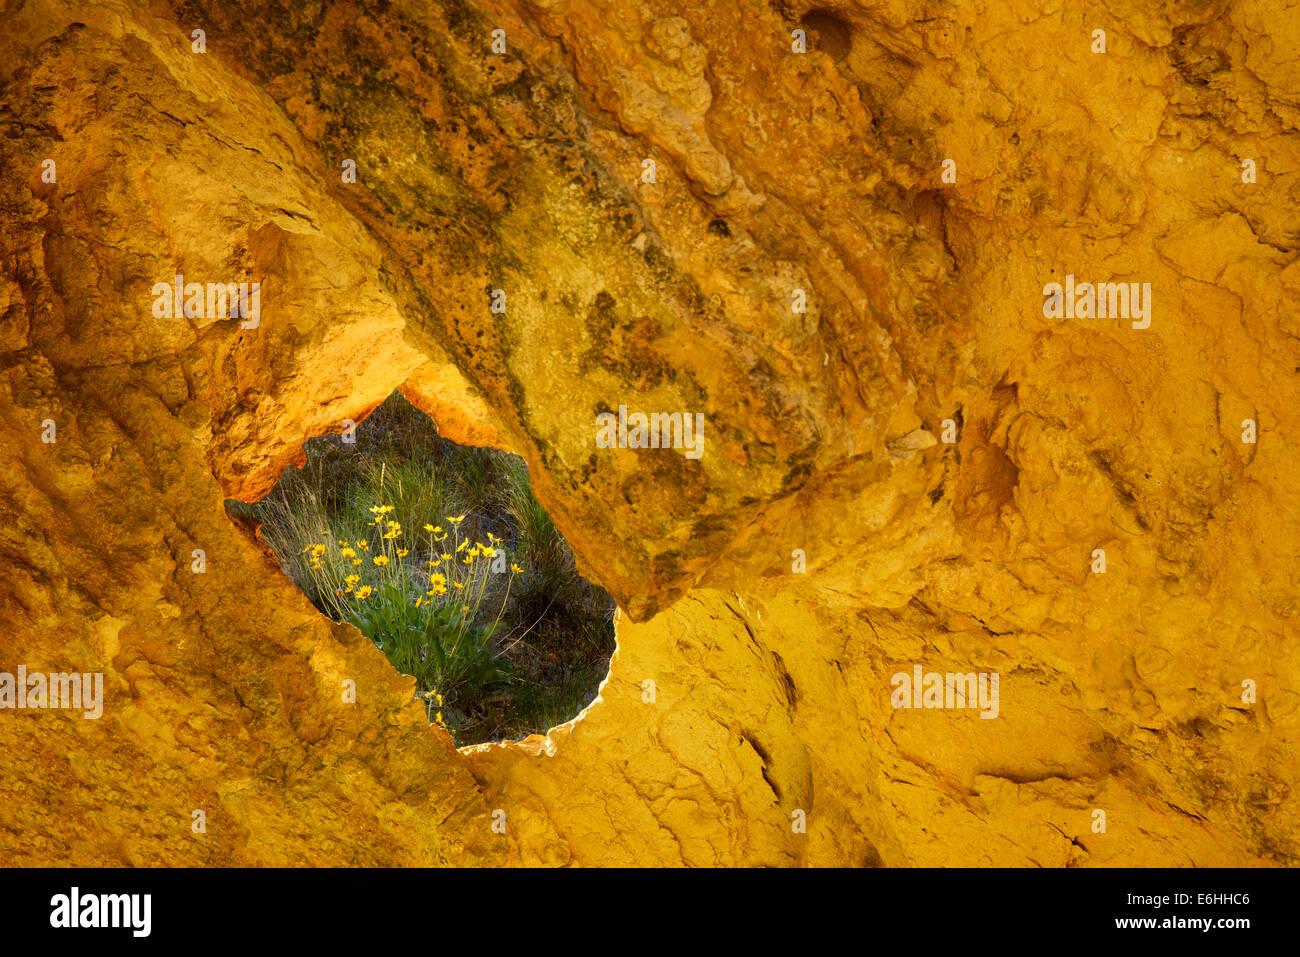 Balsamroot flores como se ve a través del agujero en la roca. Leslie Gultch, Oregón Imagen De Stock